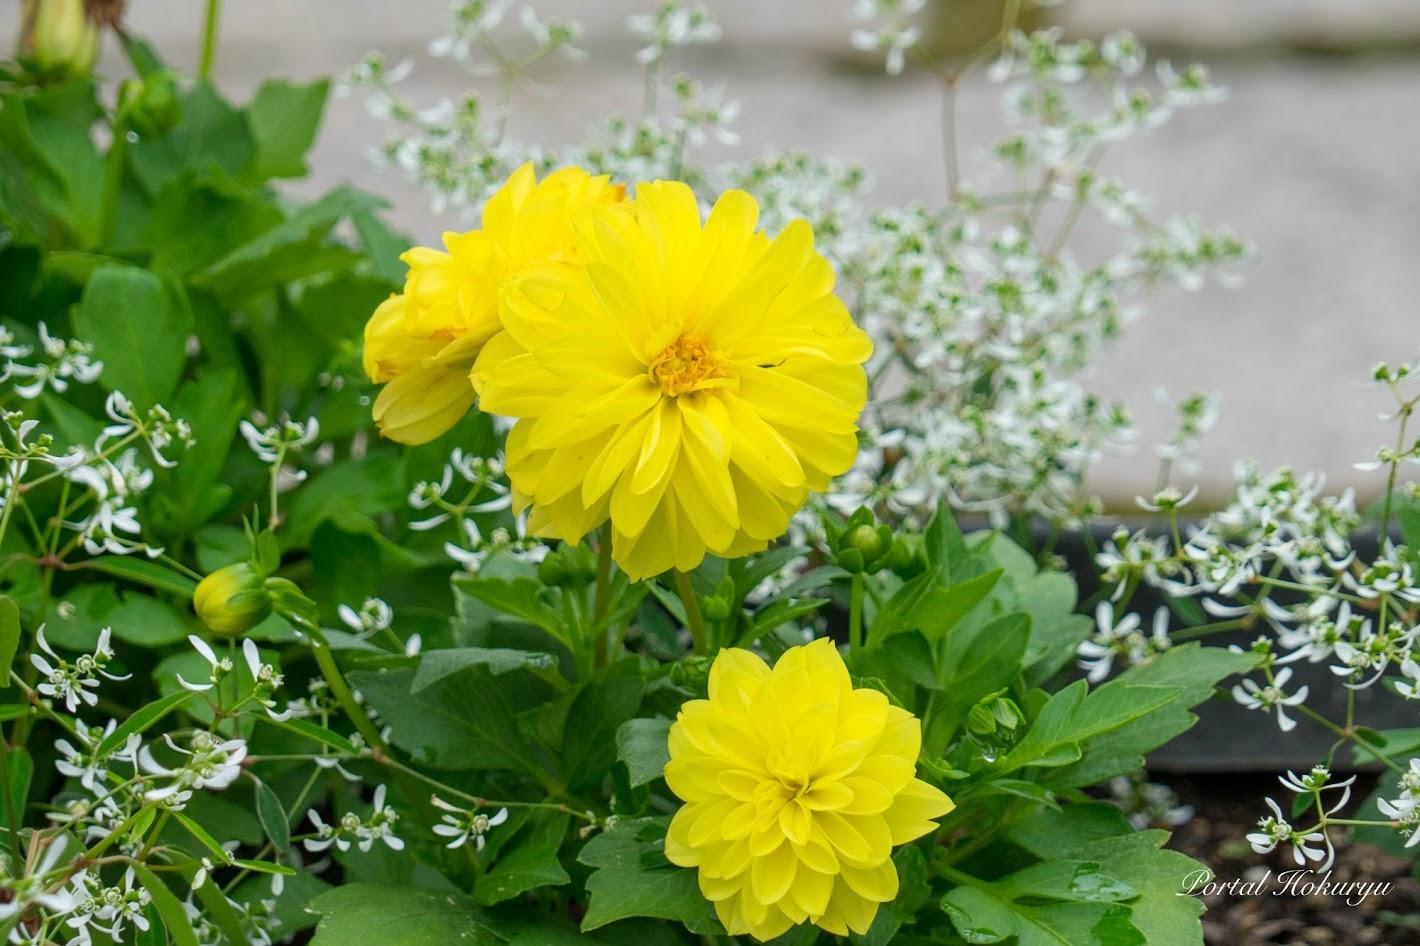 心躍る黄色い花